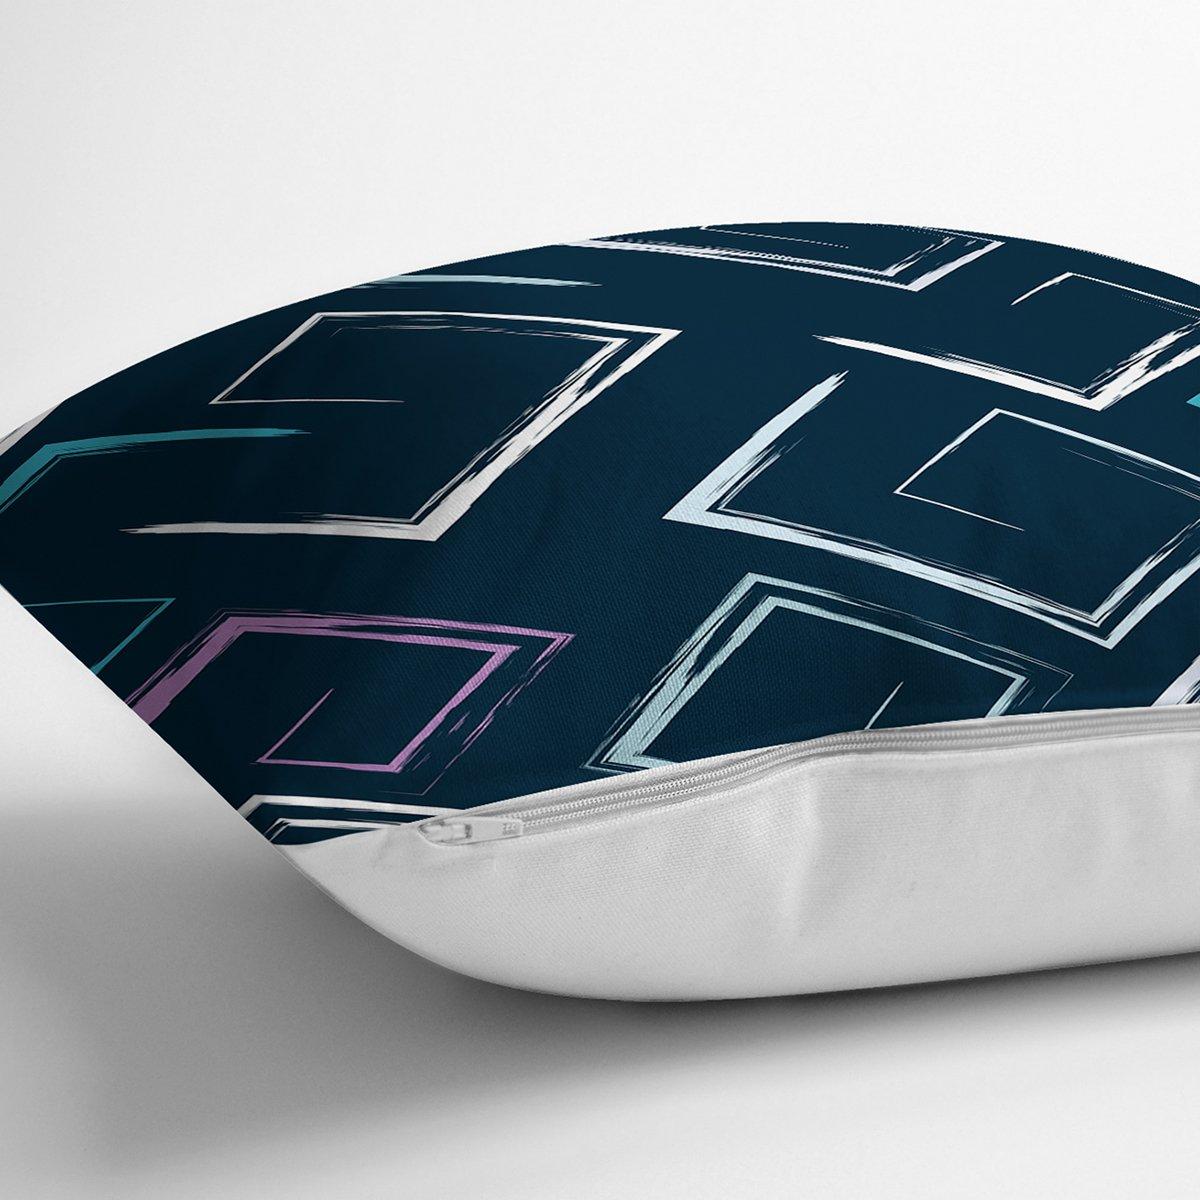 Siyah Zemin Üzerinde Renkli Geometrik Desenli Dijital Baskılı Modern Yastık Kılıfı Realhomes